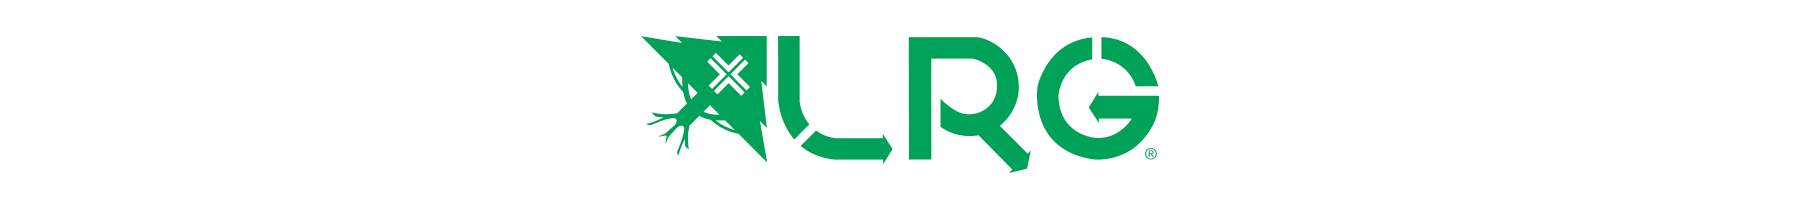 DrJays.com - LRG